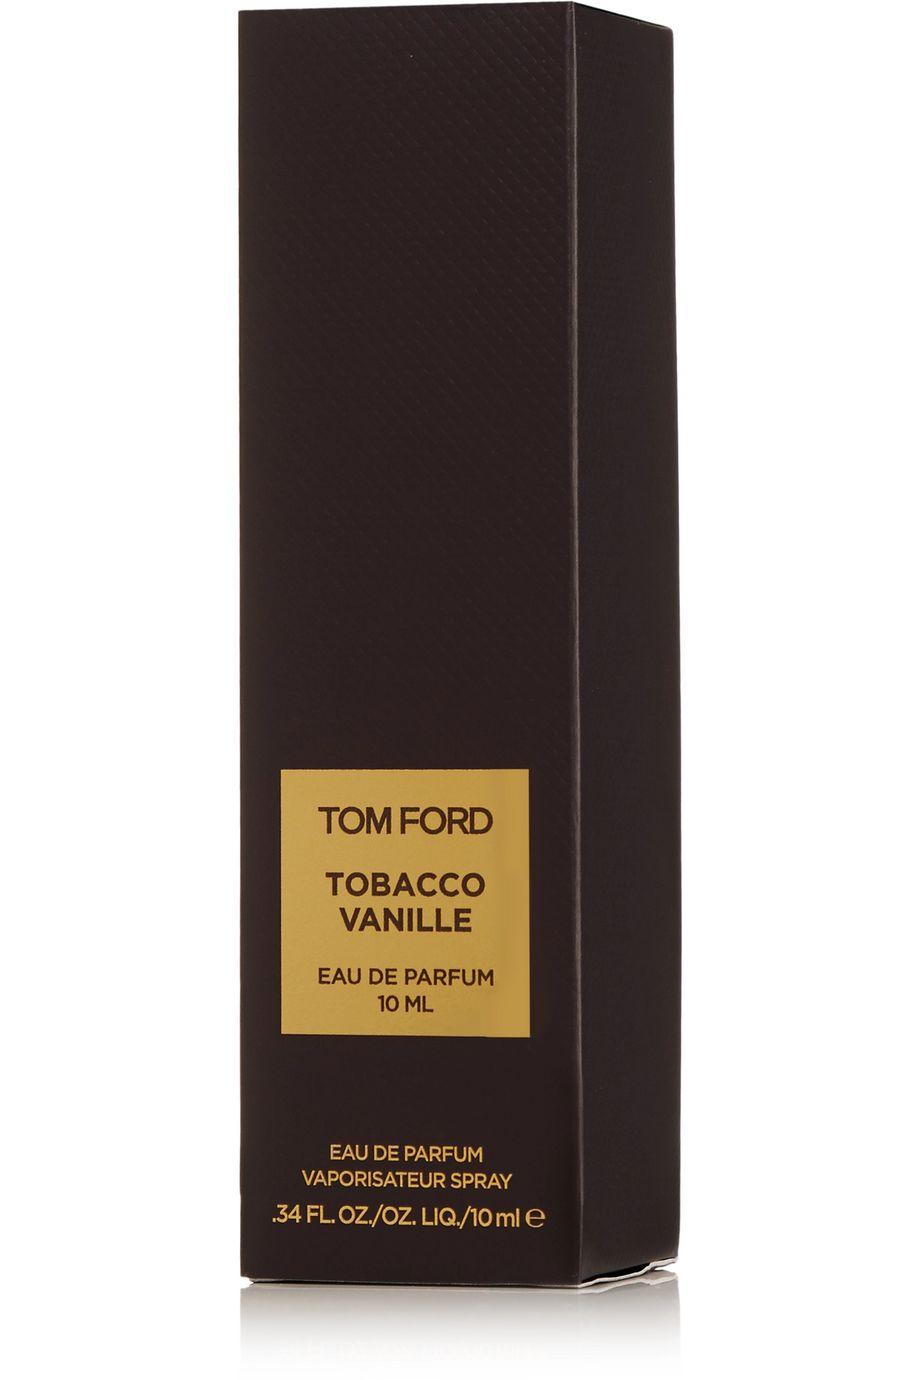 TOM FORD BEAUTY Tobacco Vanille Eau de Parfum, 10ml